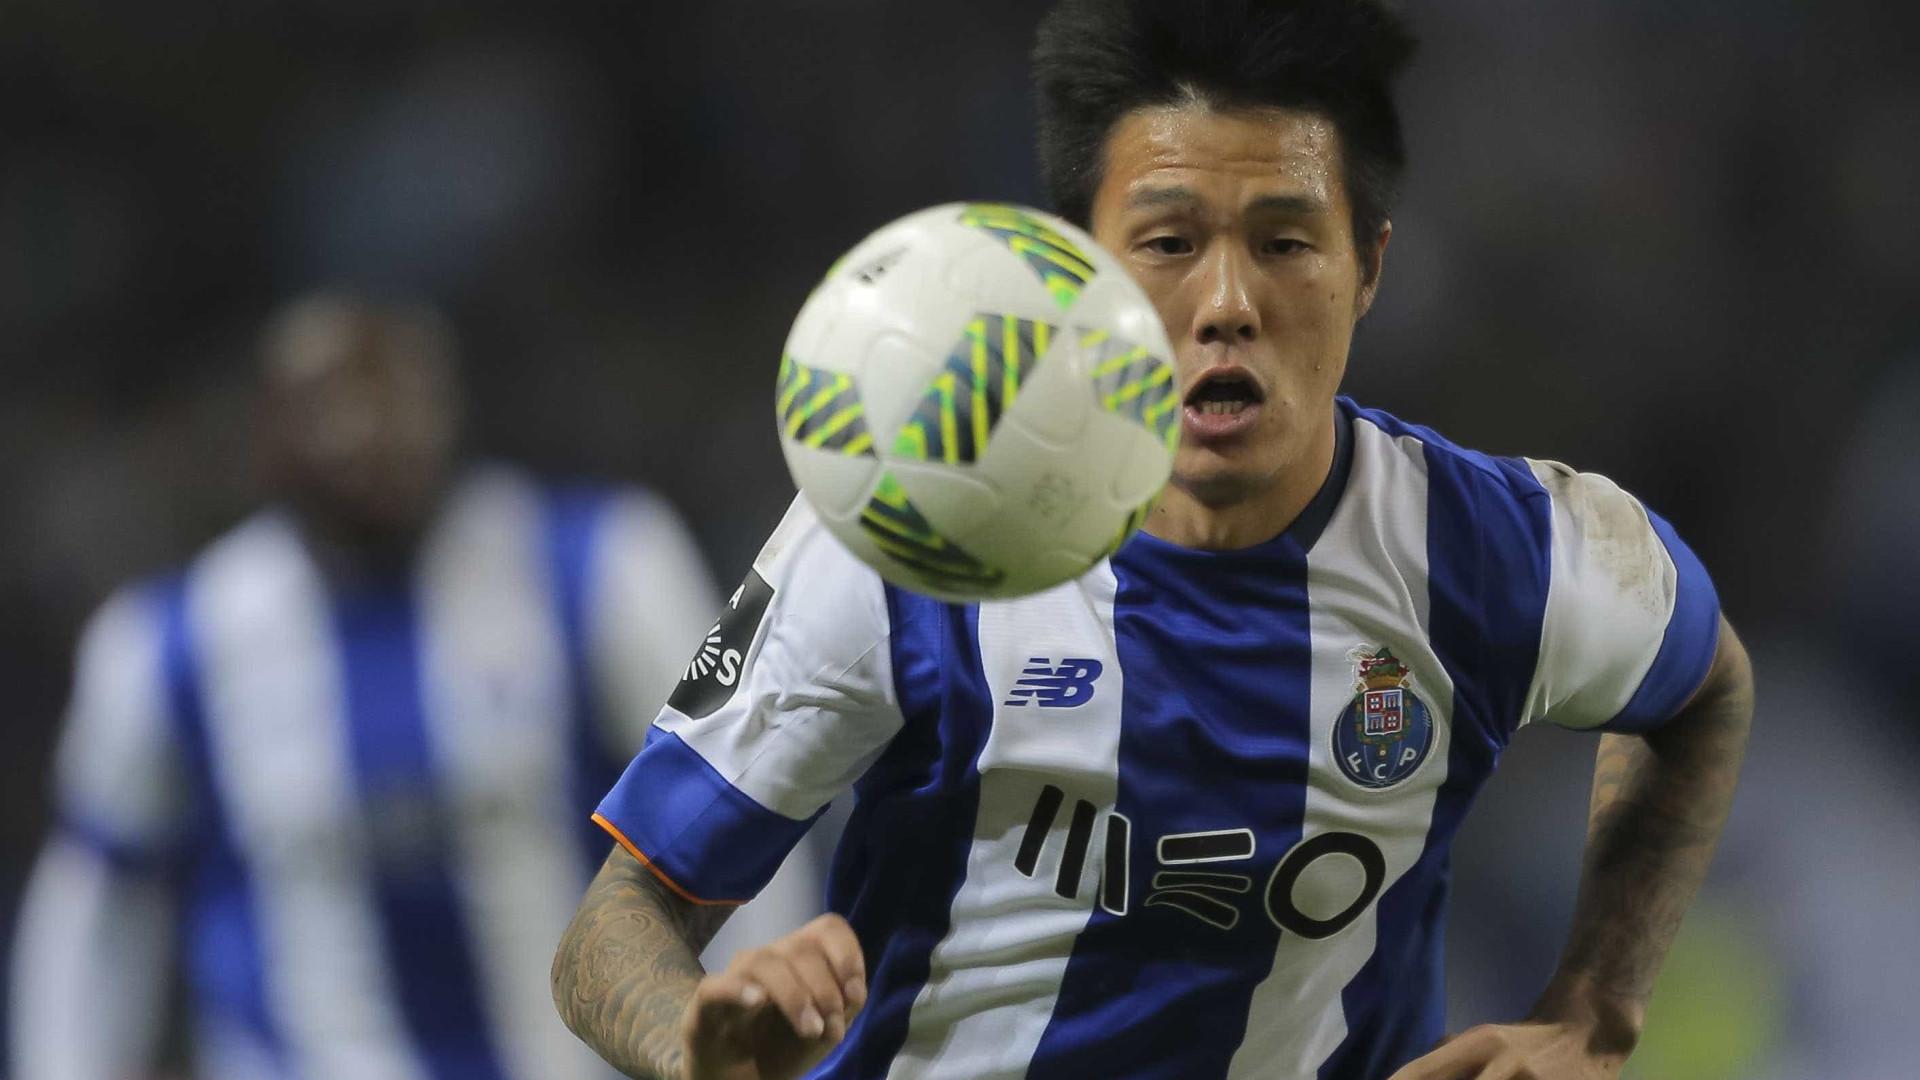 Oficial: Suk no Troyes por empréstimo do FC Porto